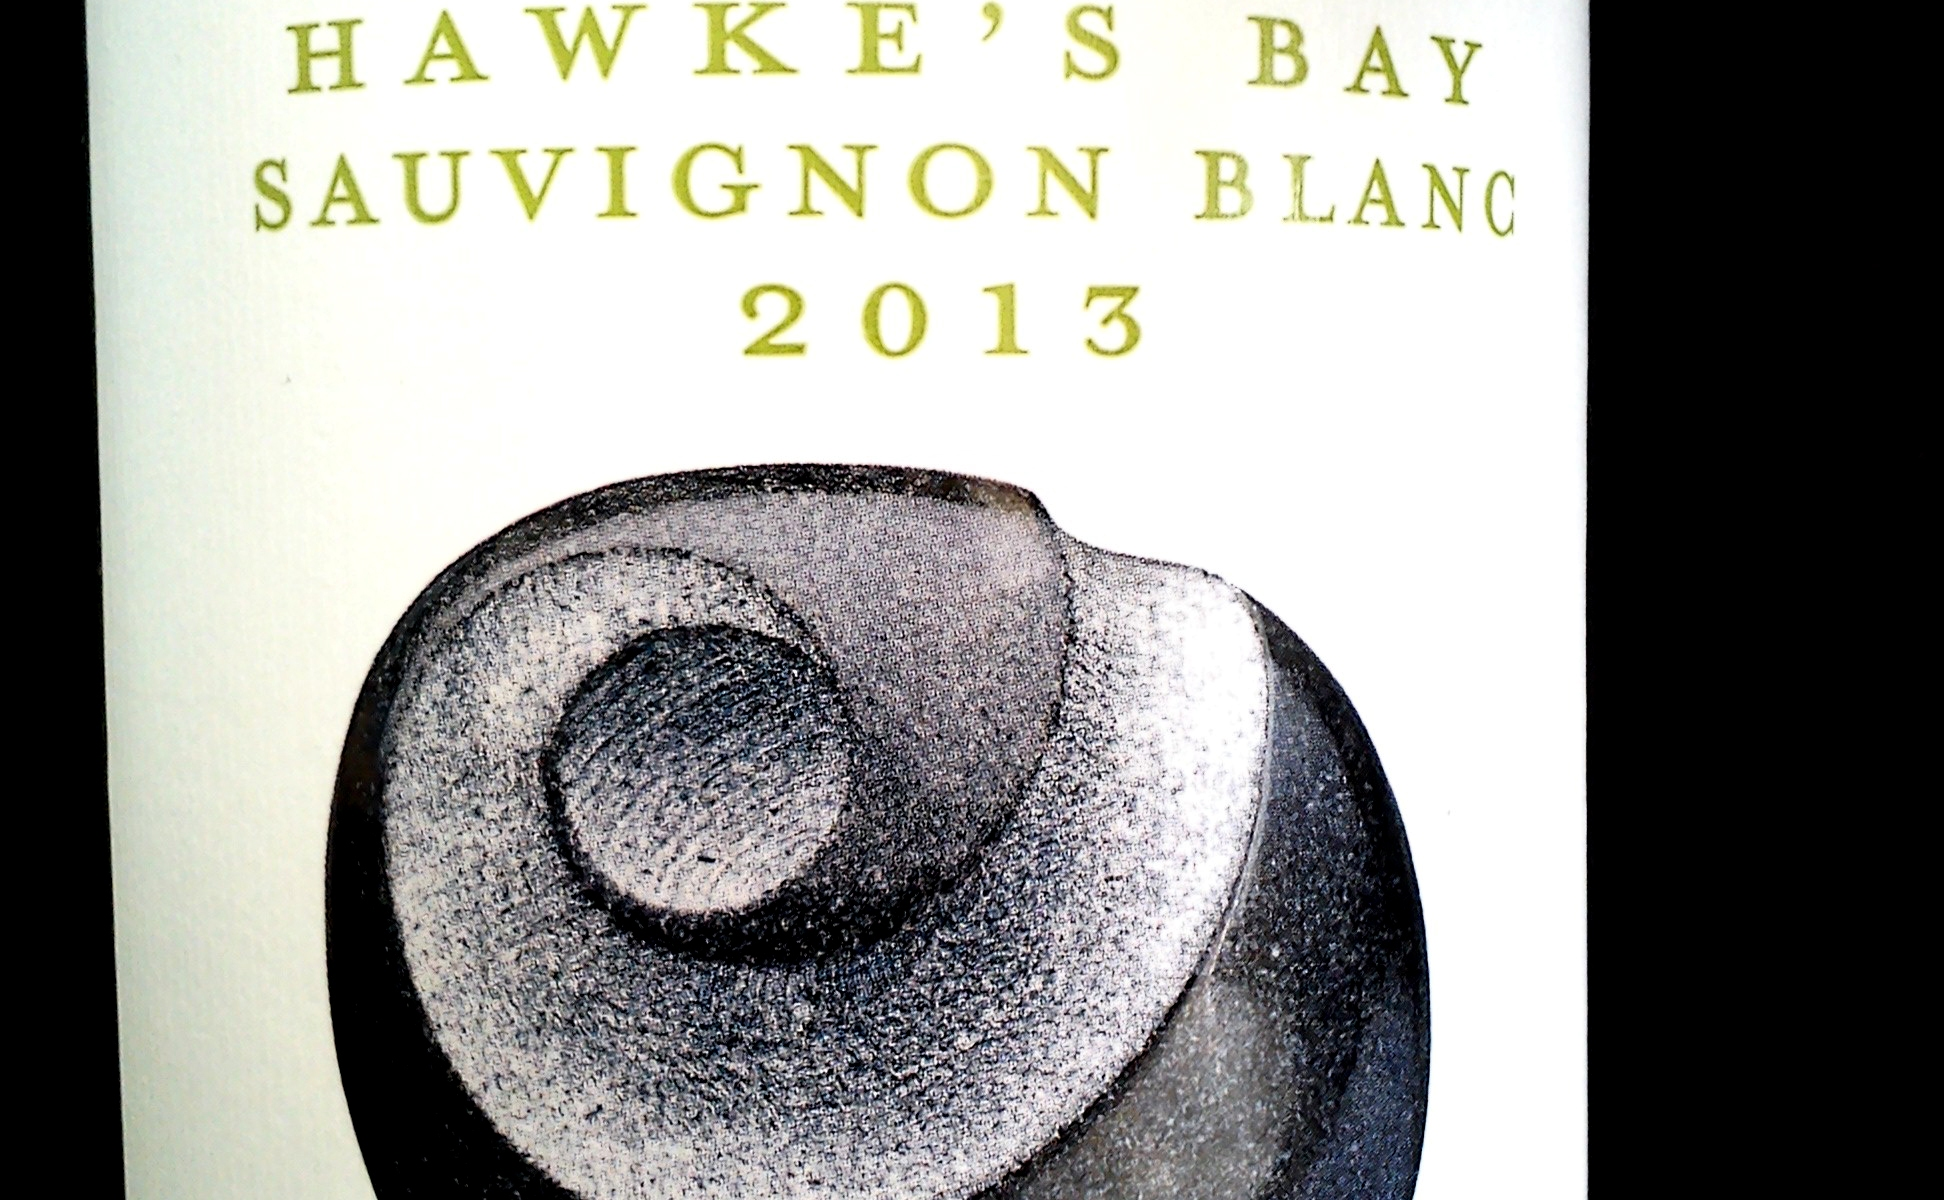 Greyrock Hawke's Bay Sauvignon Blanc 2013